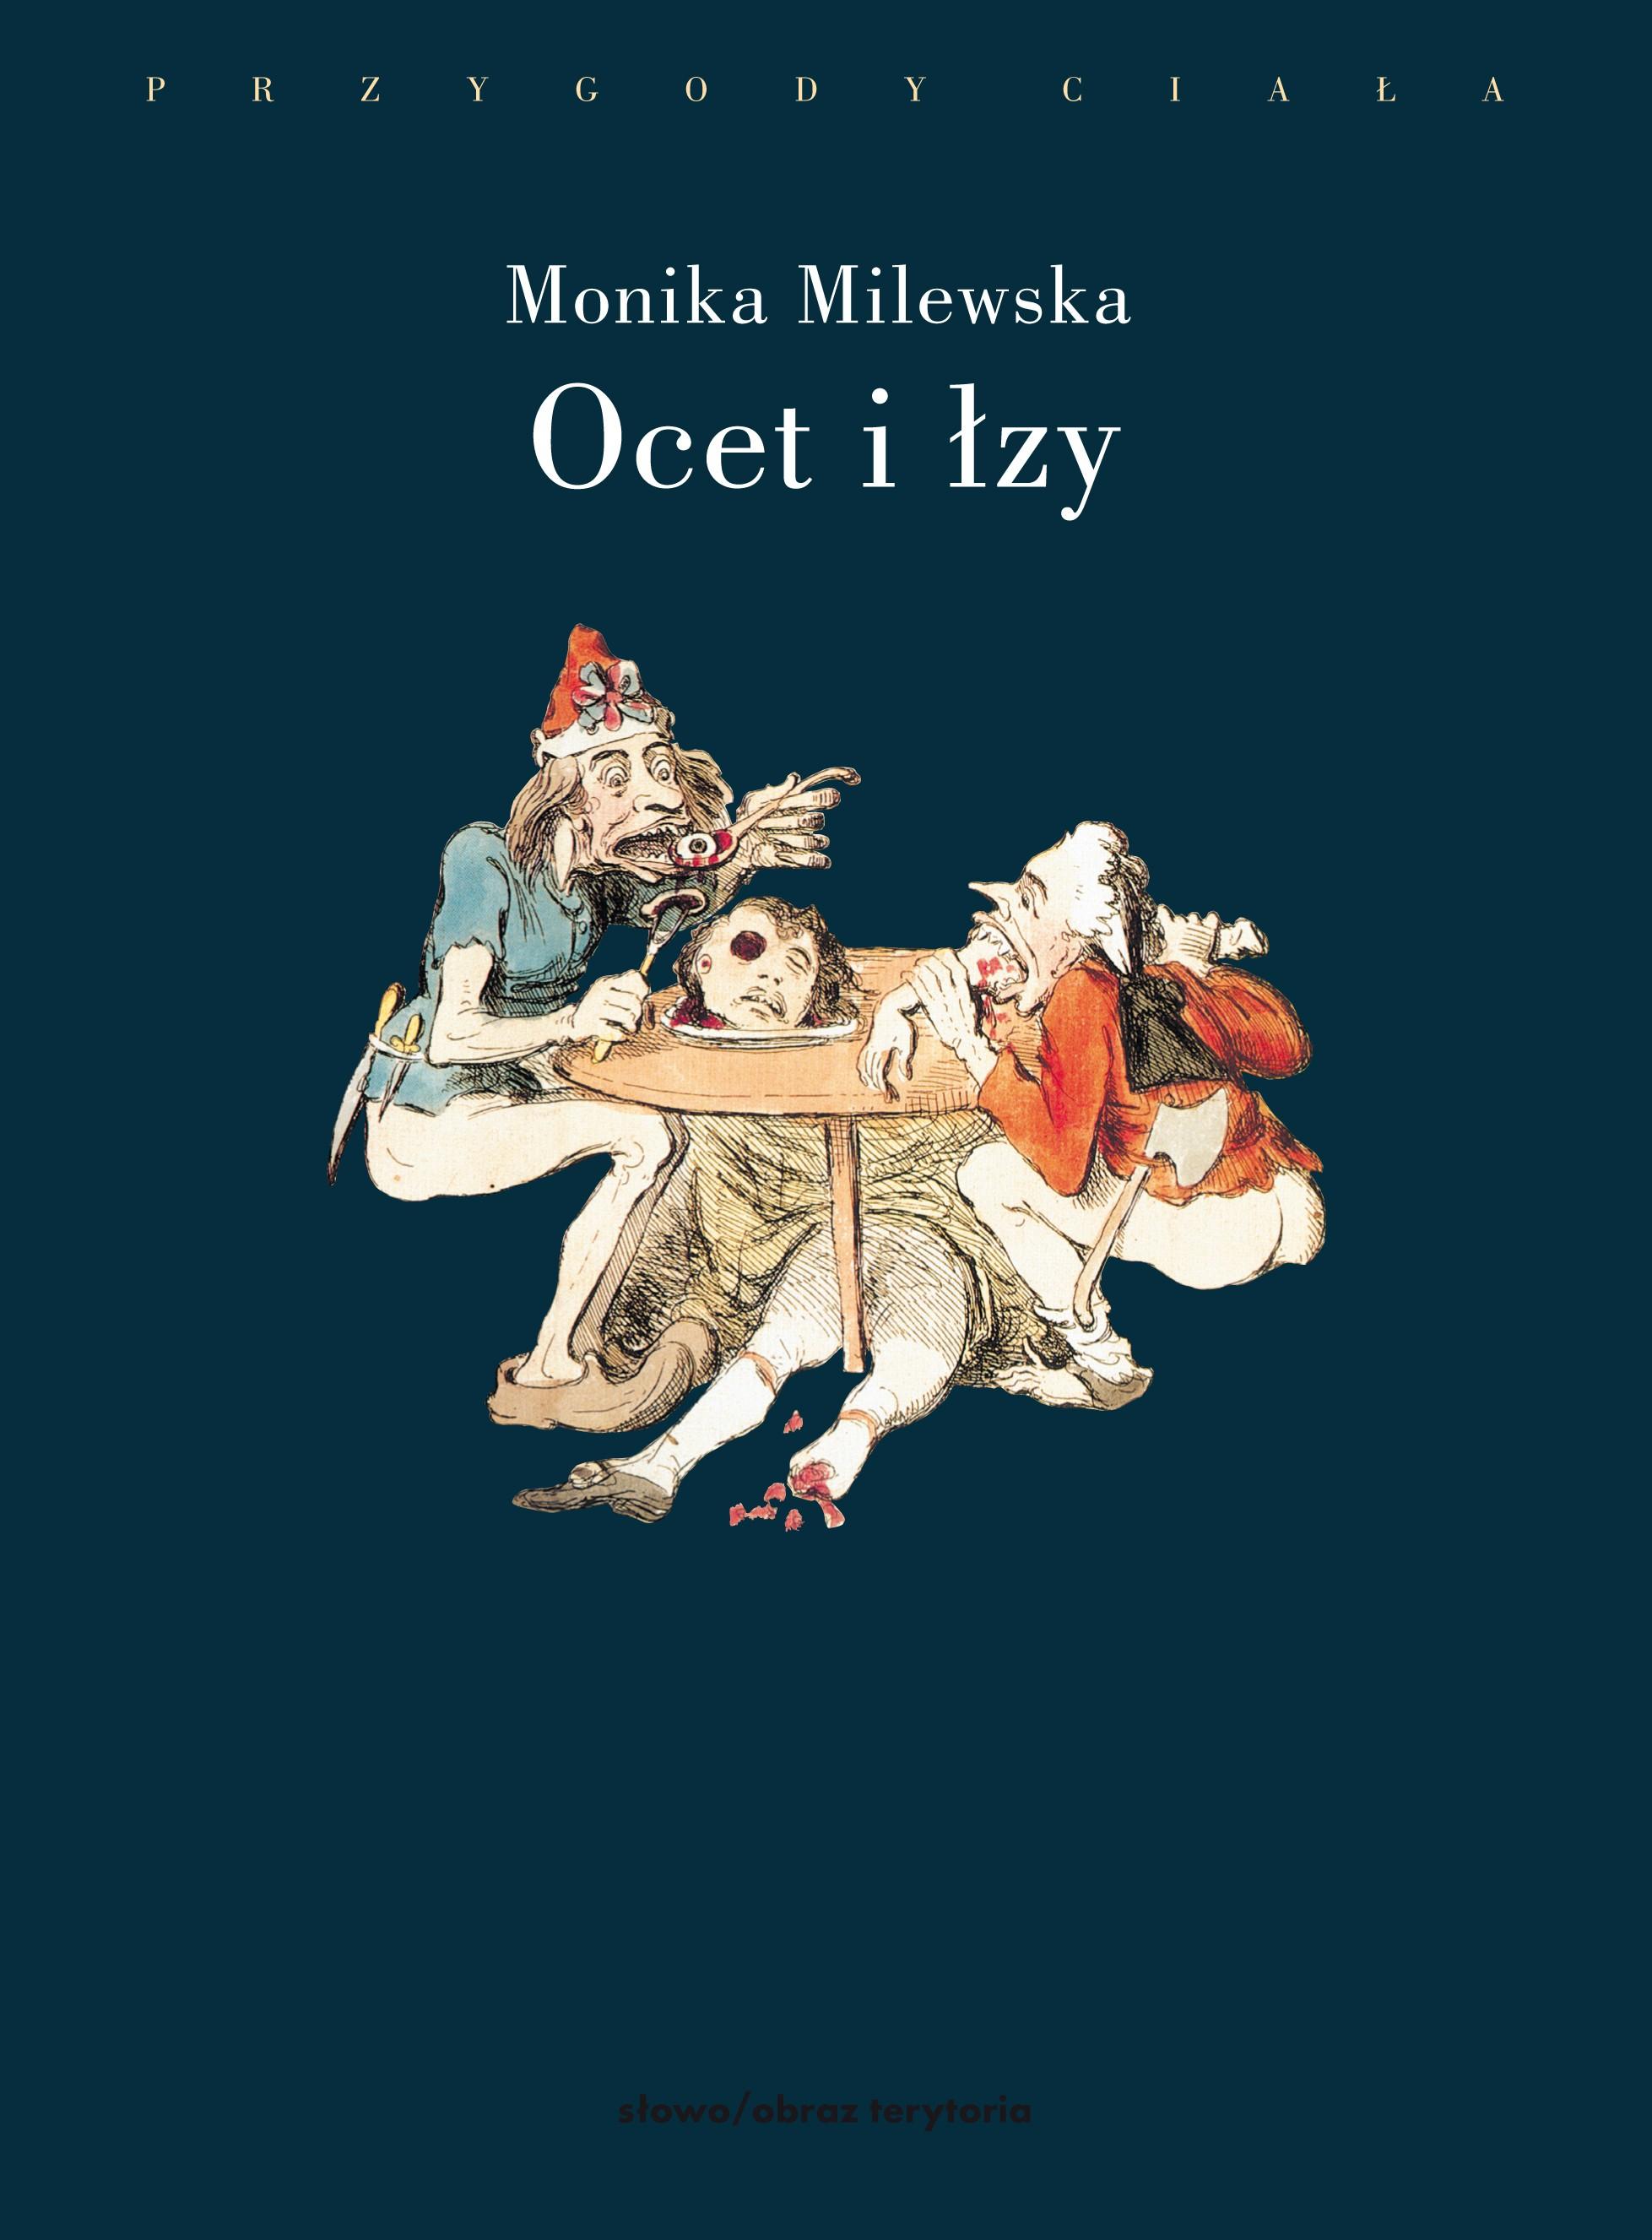 (e-book) Ocet i łzy. Terror Wielkiej Rewolucji Francuskiej jako doświadczenie traumatyczne (wyd. 2)